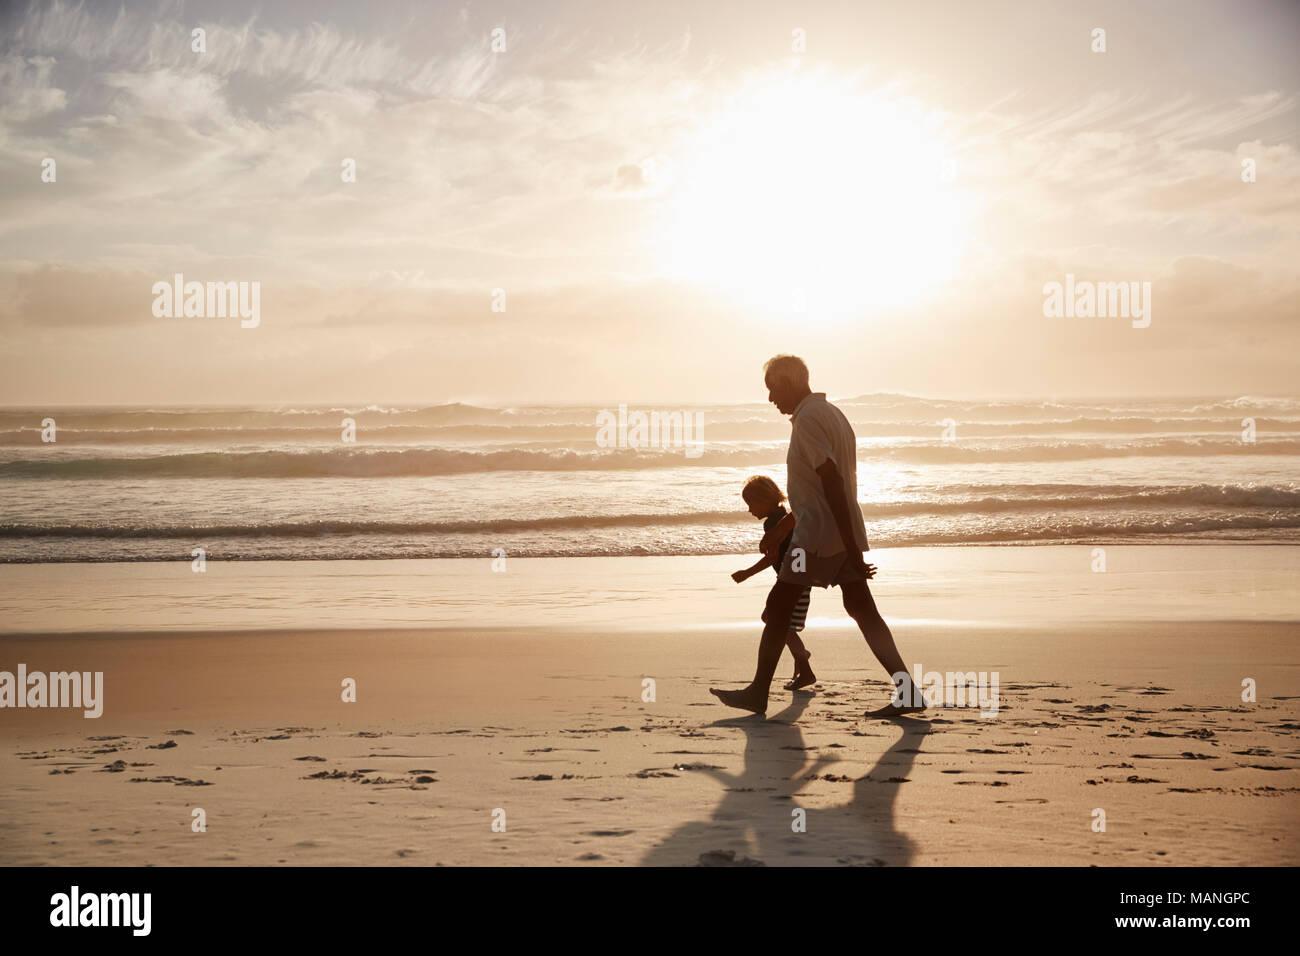 Silhouette di Nonno camminando lungo la spiaggia con il nipote Immagini Stock